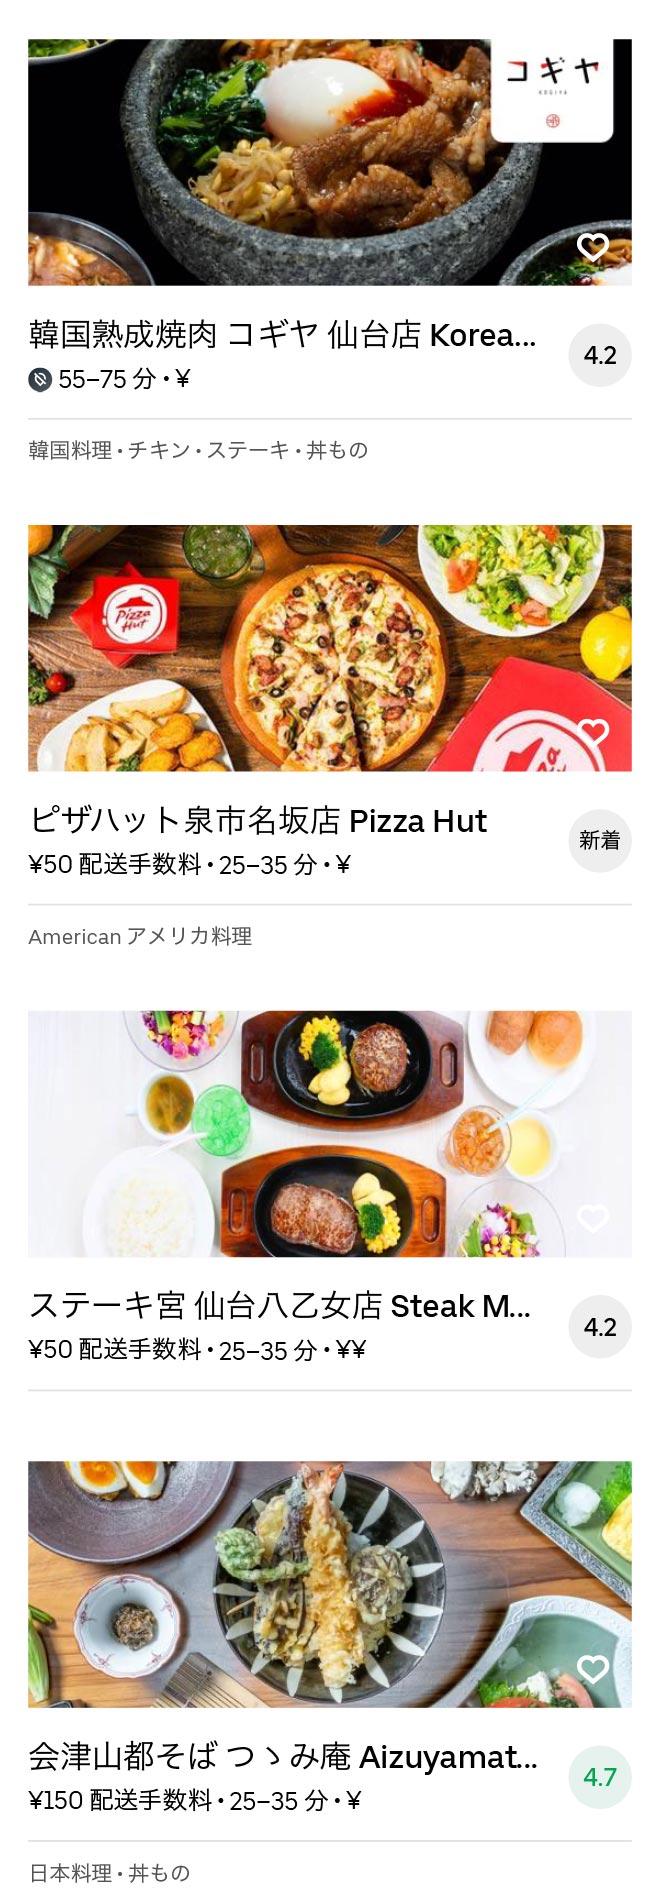 Yaotome menu 2008 09